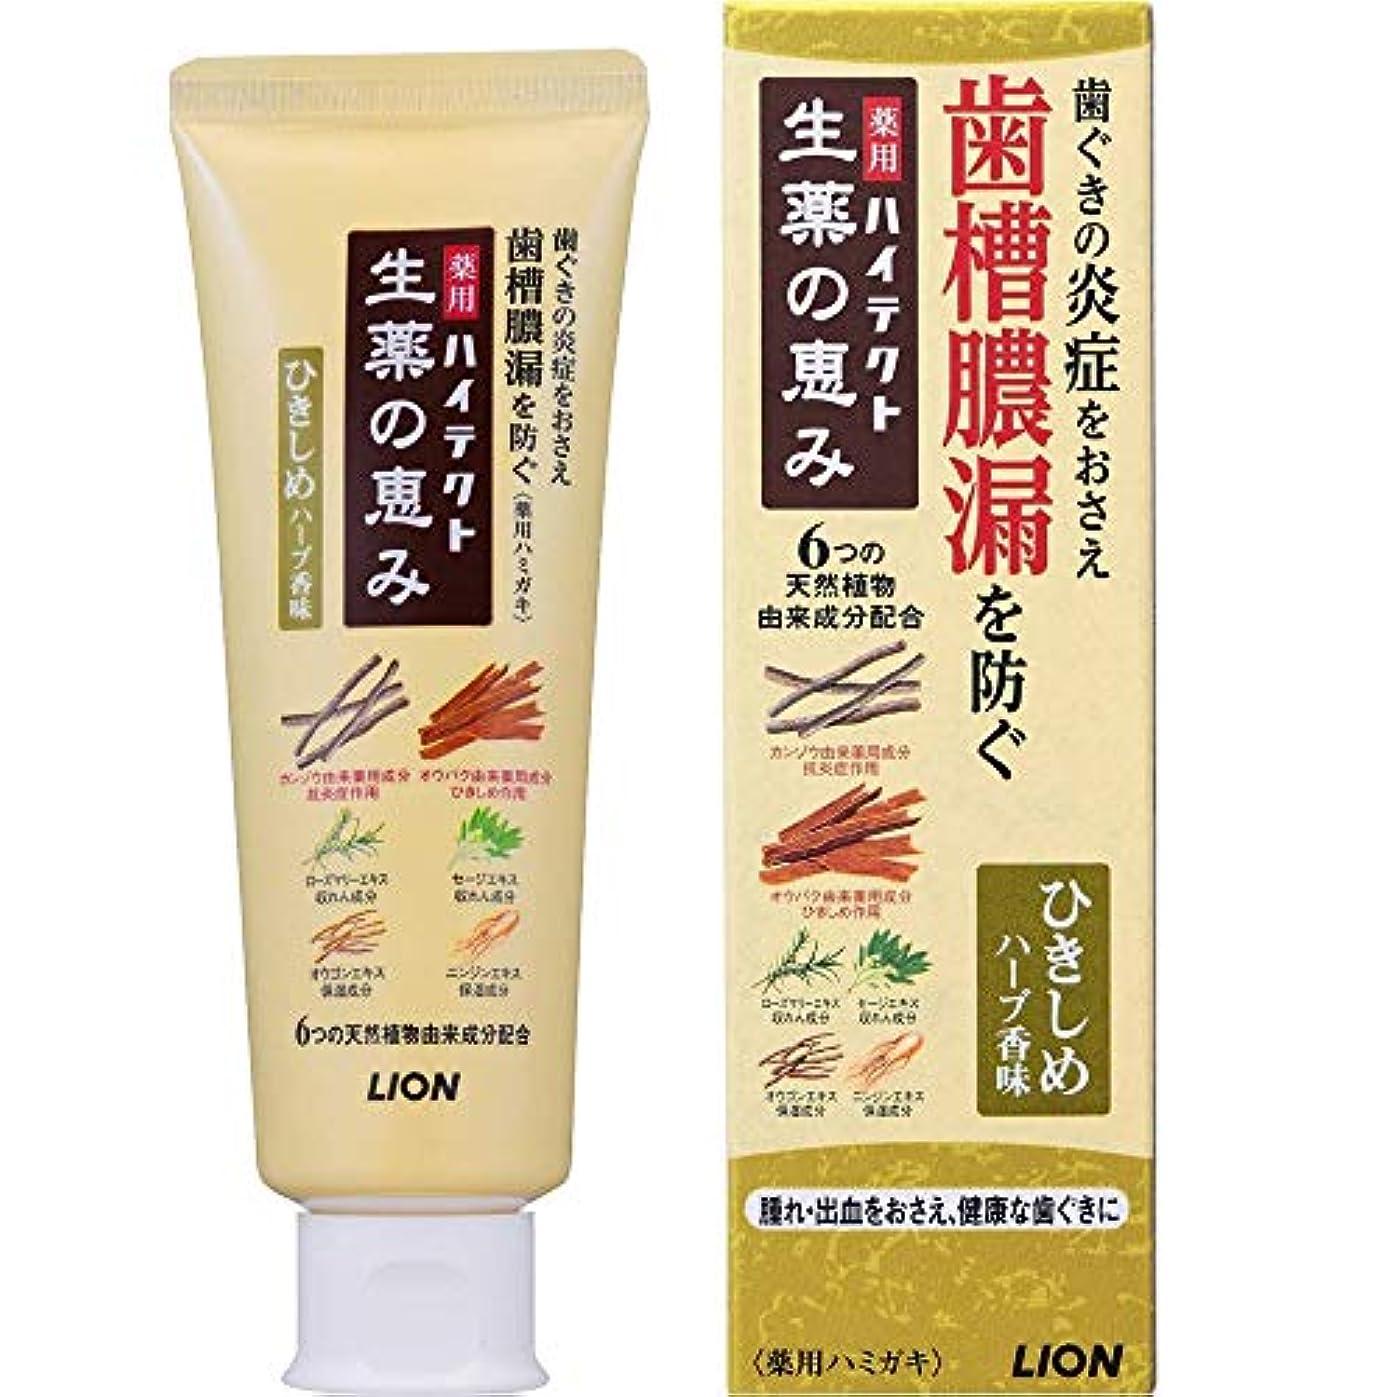 六月トロリーバス万一に備えて薬用ハイテクト生薬の恵み ひきしめハーブ香味 90g (医薬部外品)